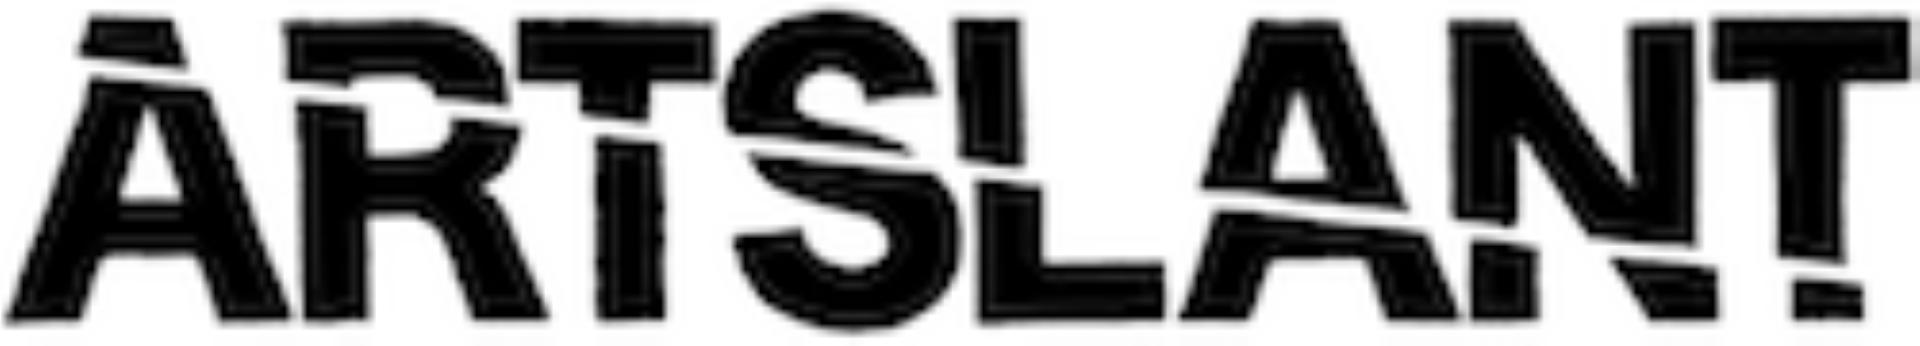 logo_250 (Large).png